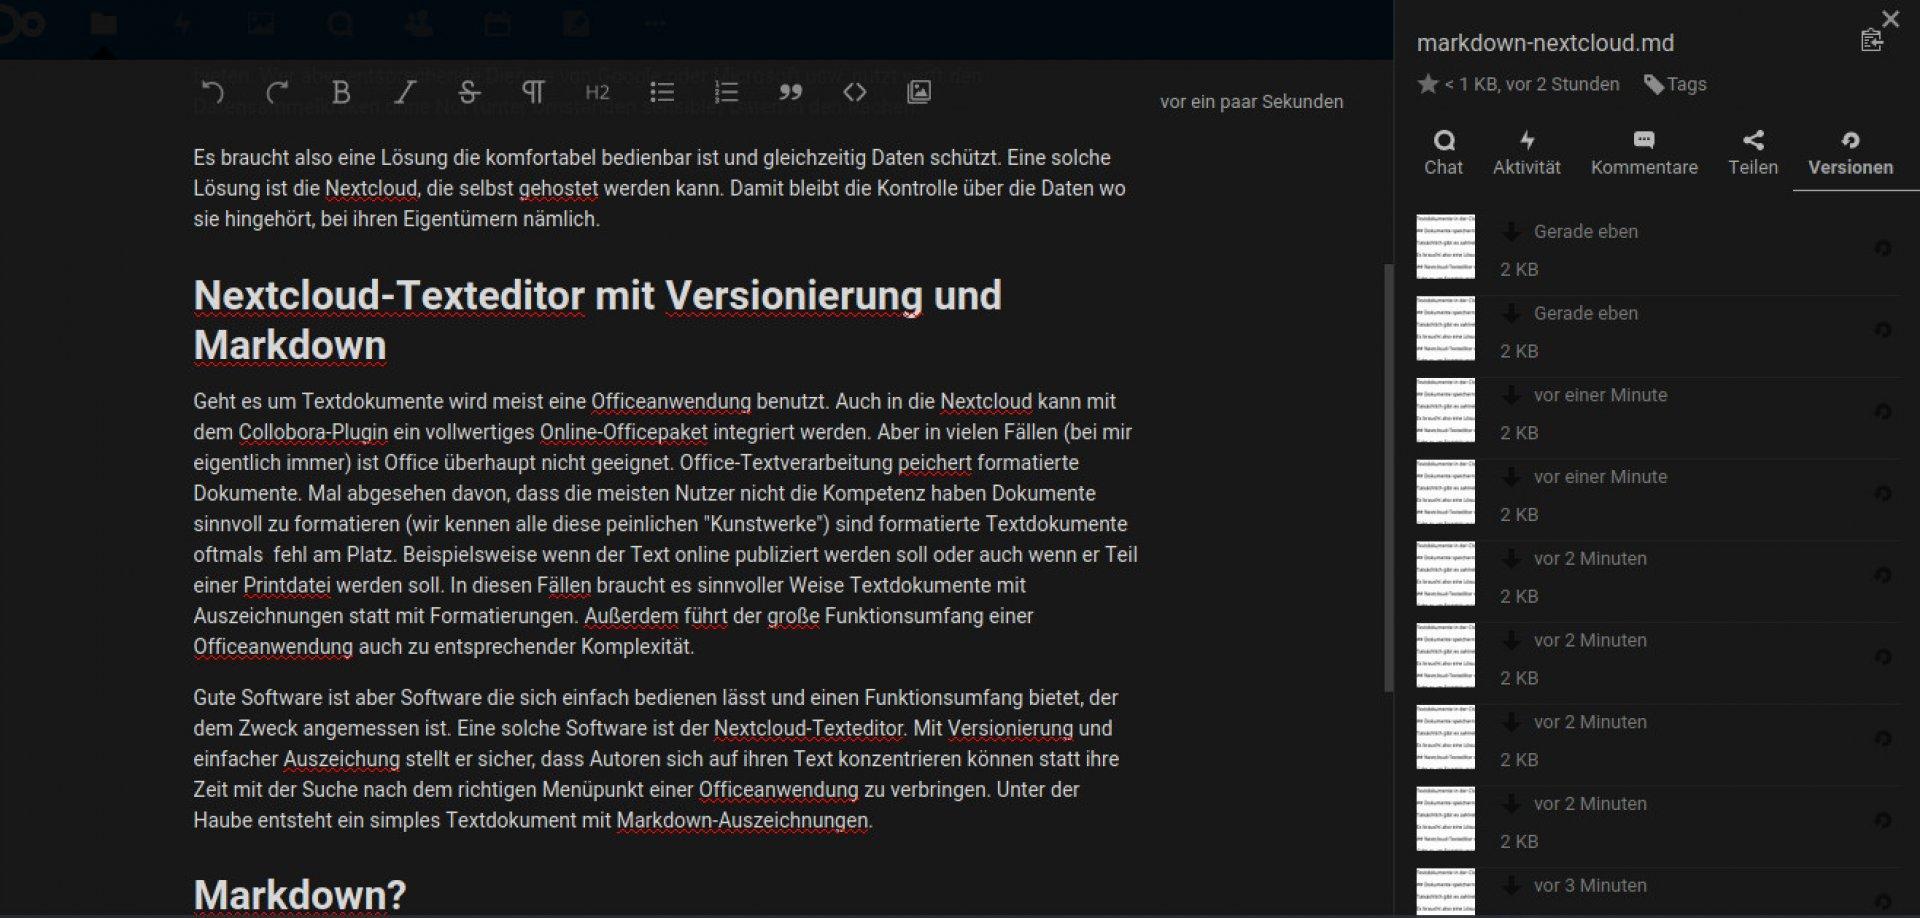 Der Nextcloud-Texteditor bietet Verionierung und speichert Markdown-Dolumente